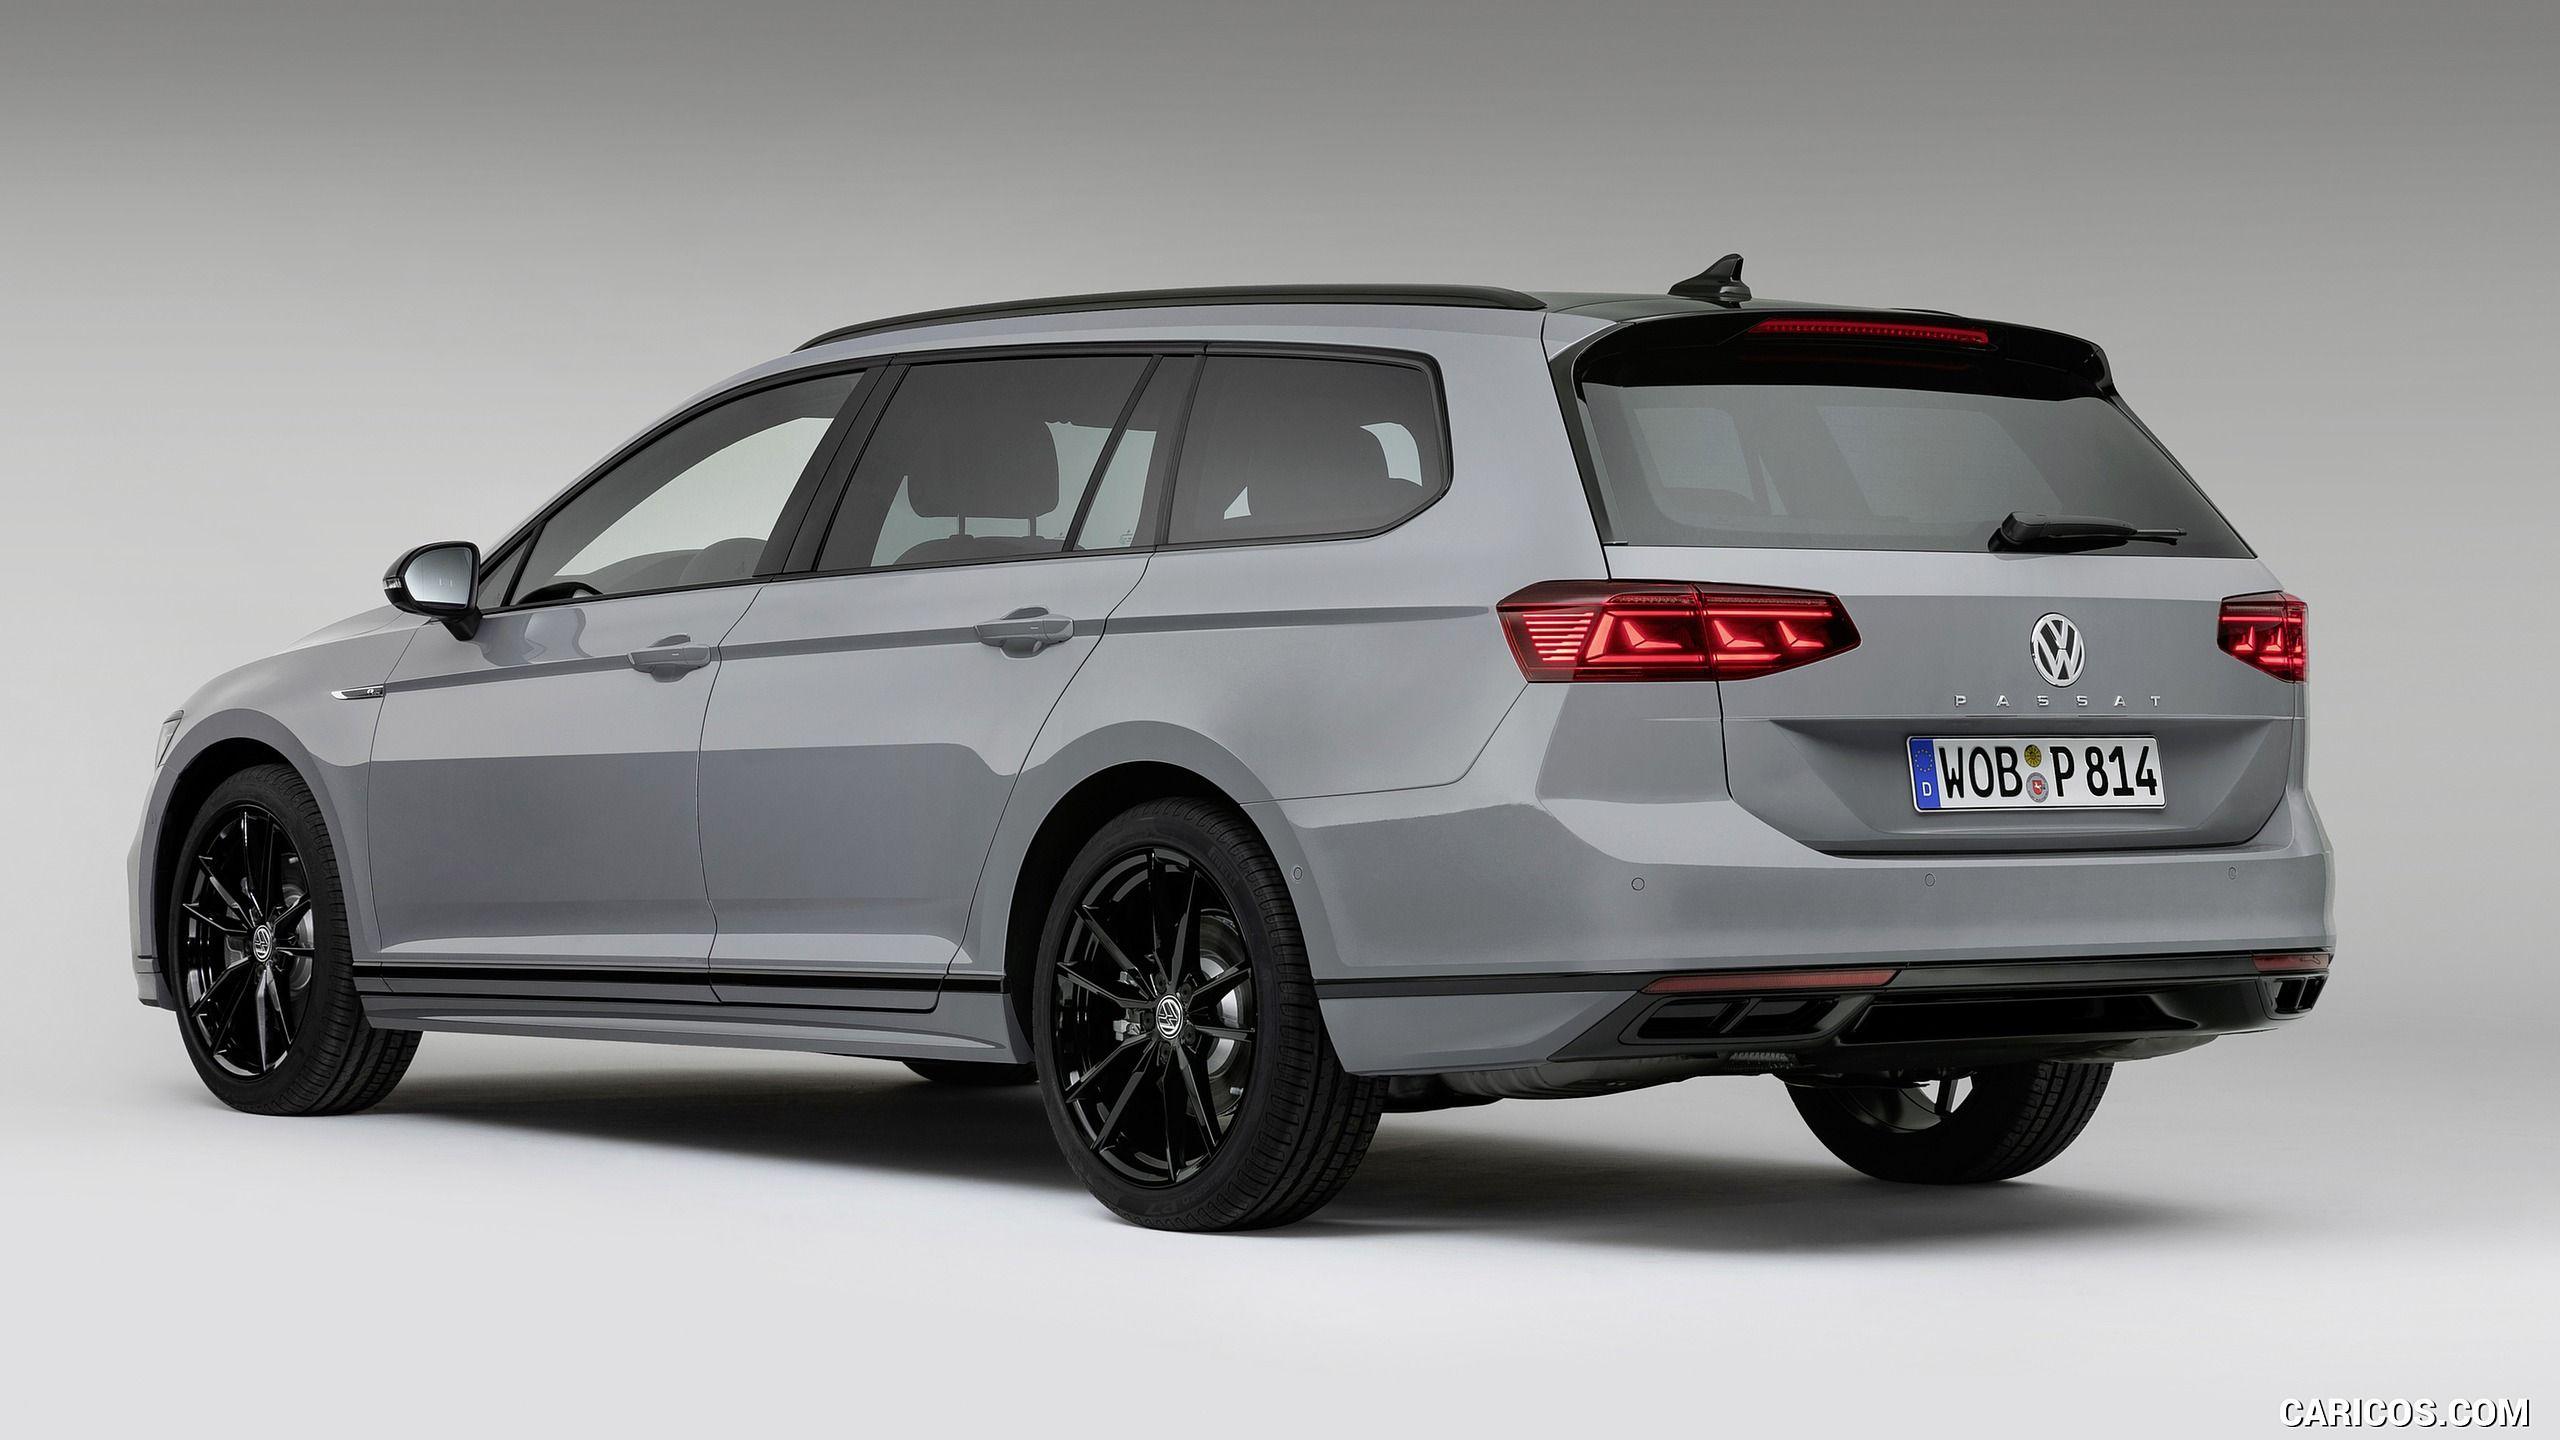 2019 Volkswagen Passat Variant R Line Edition Eu Spec Rear Three Quarter Hd Volkswagen Passat Vw Passat Volkswagen